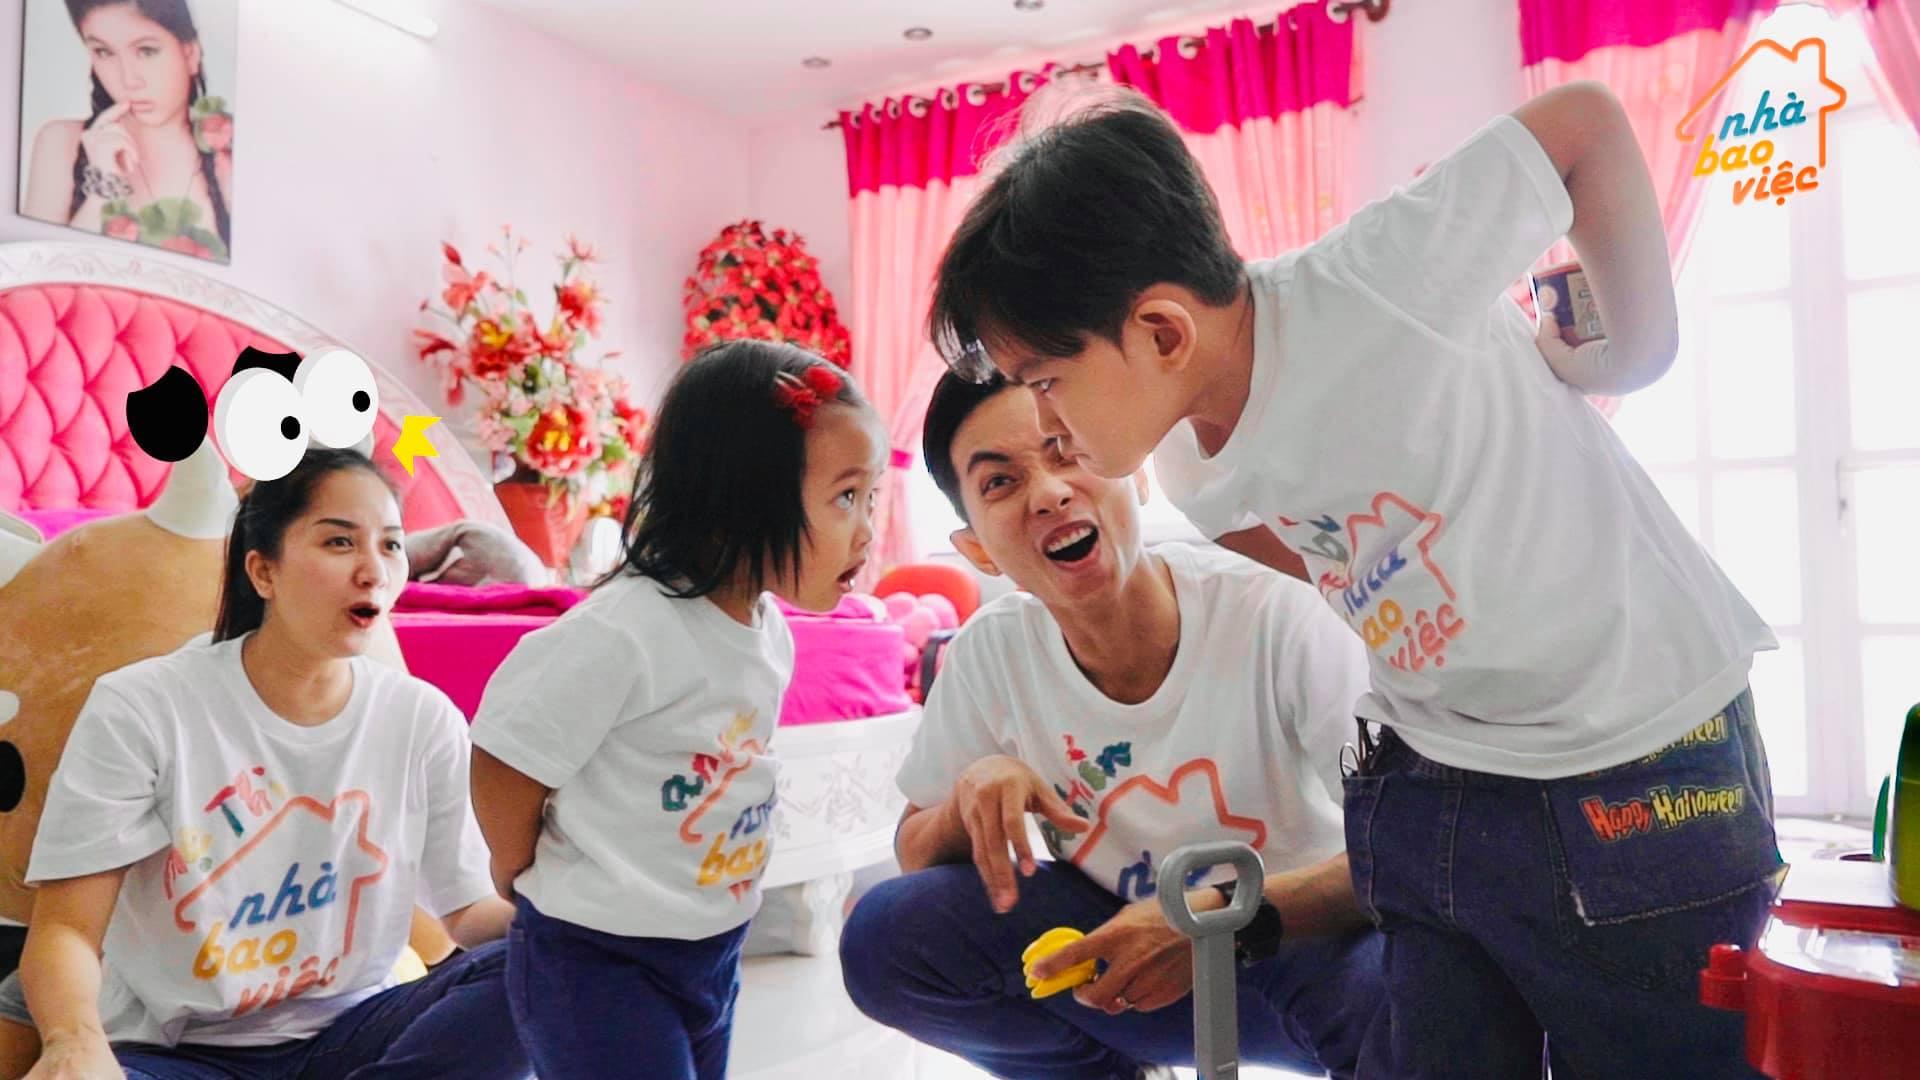 Kubi tị vì bố mẹ chỉ quan tâm em gái, Khánh Thi hài hước nói một câu khiến cậu bé phì cười, hết giận dỗi tức thì - Ảnh 2.